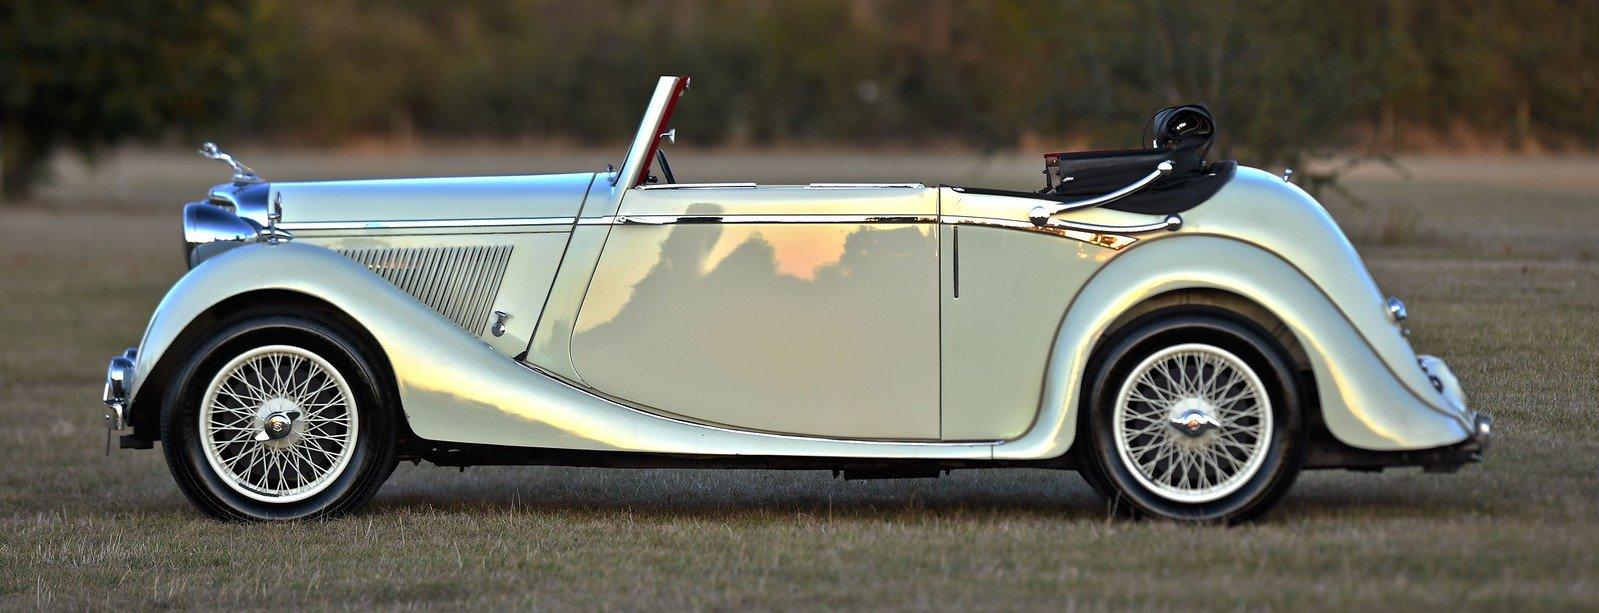 1939 Jaguar SS 1 ½ Litre Drophead Coupe For Sale (picture 2 of 6)